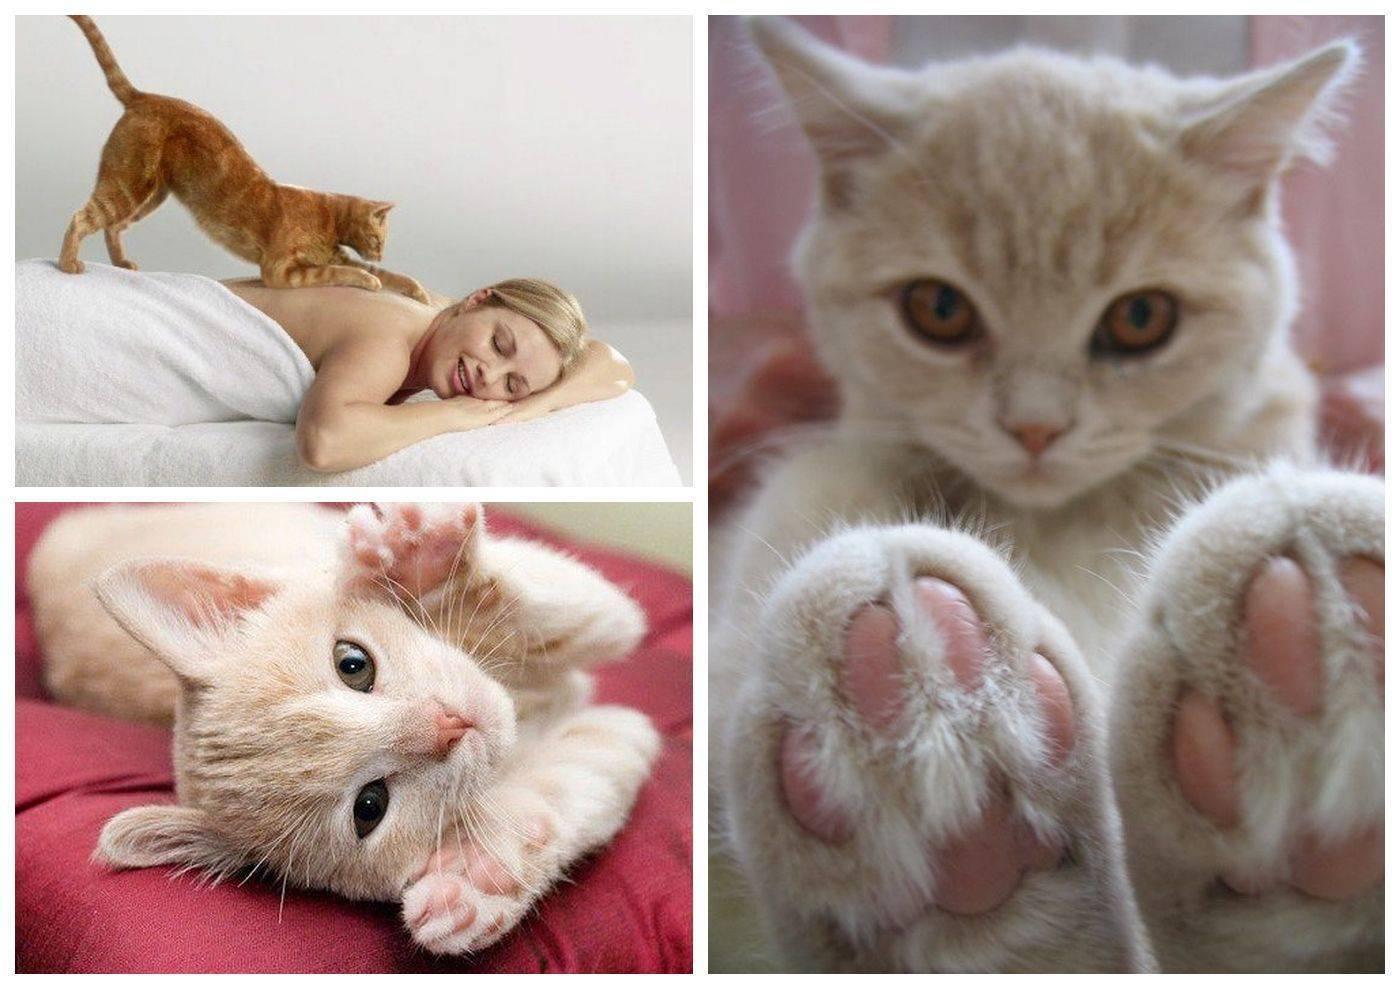 Почему кошки топчут нас лапками и мурчат: топчут одеяло